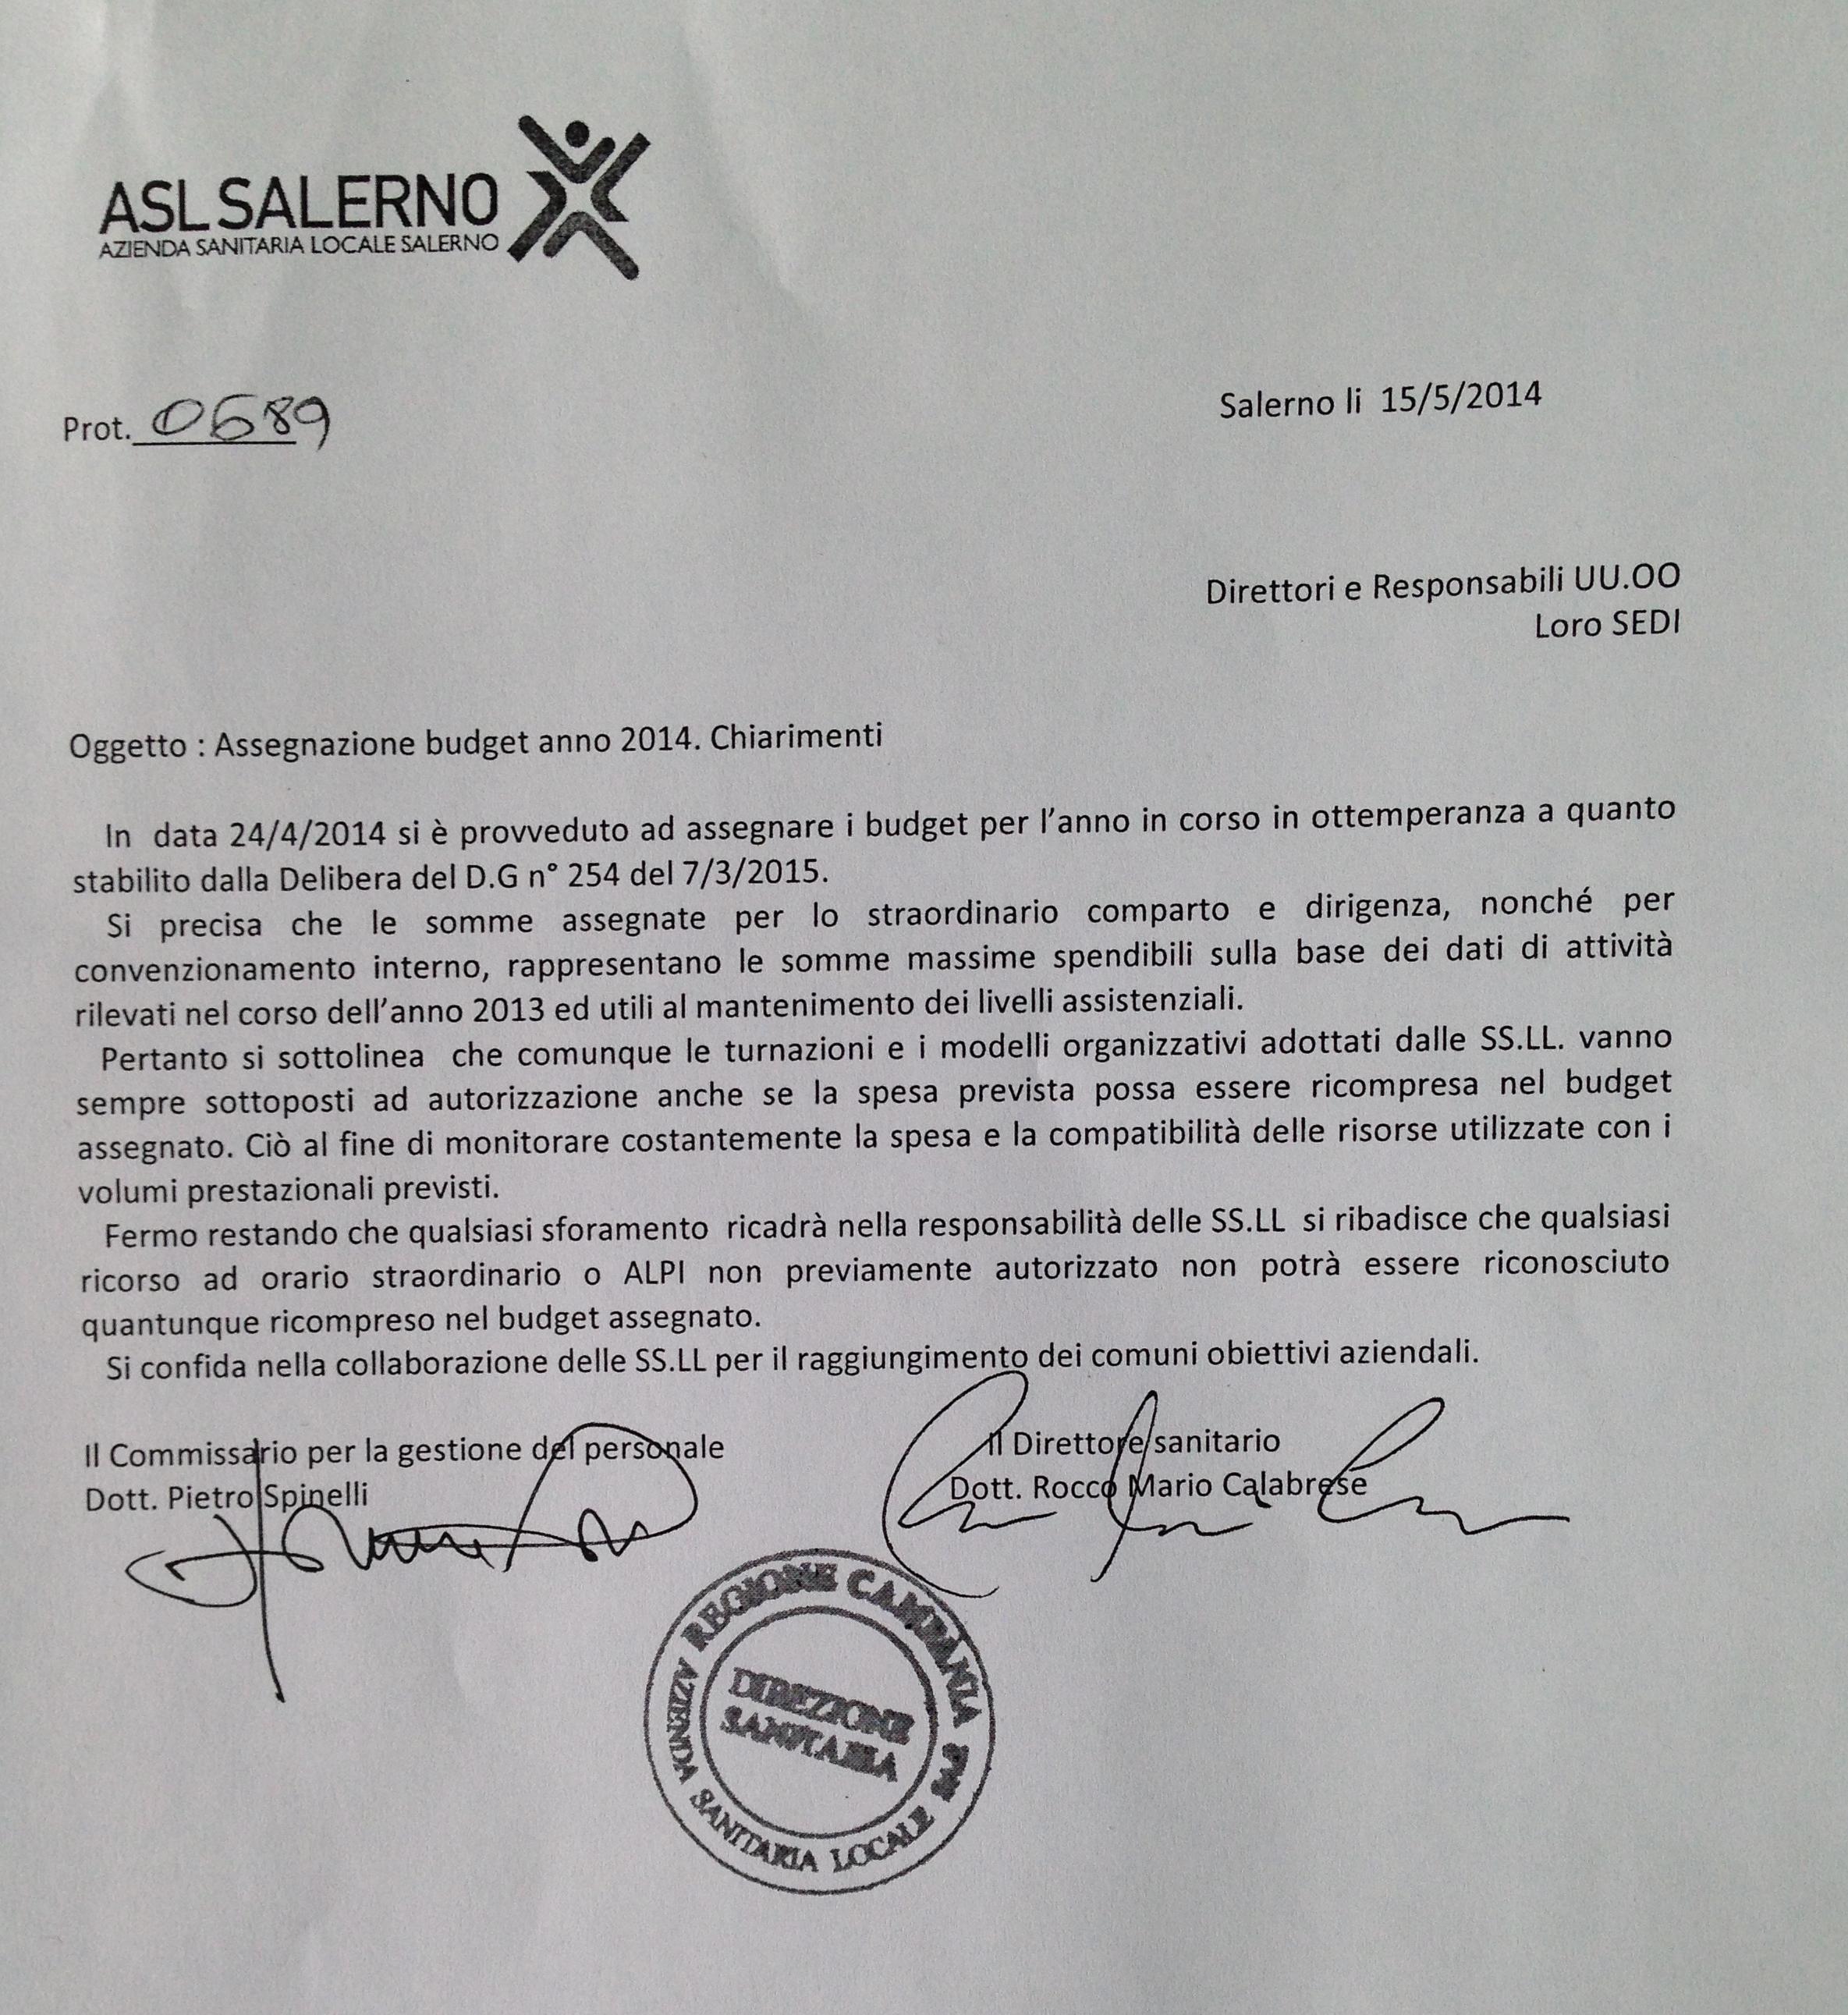 lettera firmata da Spinelli